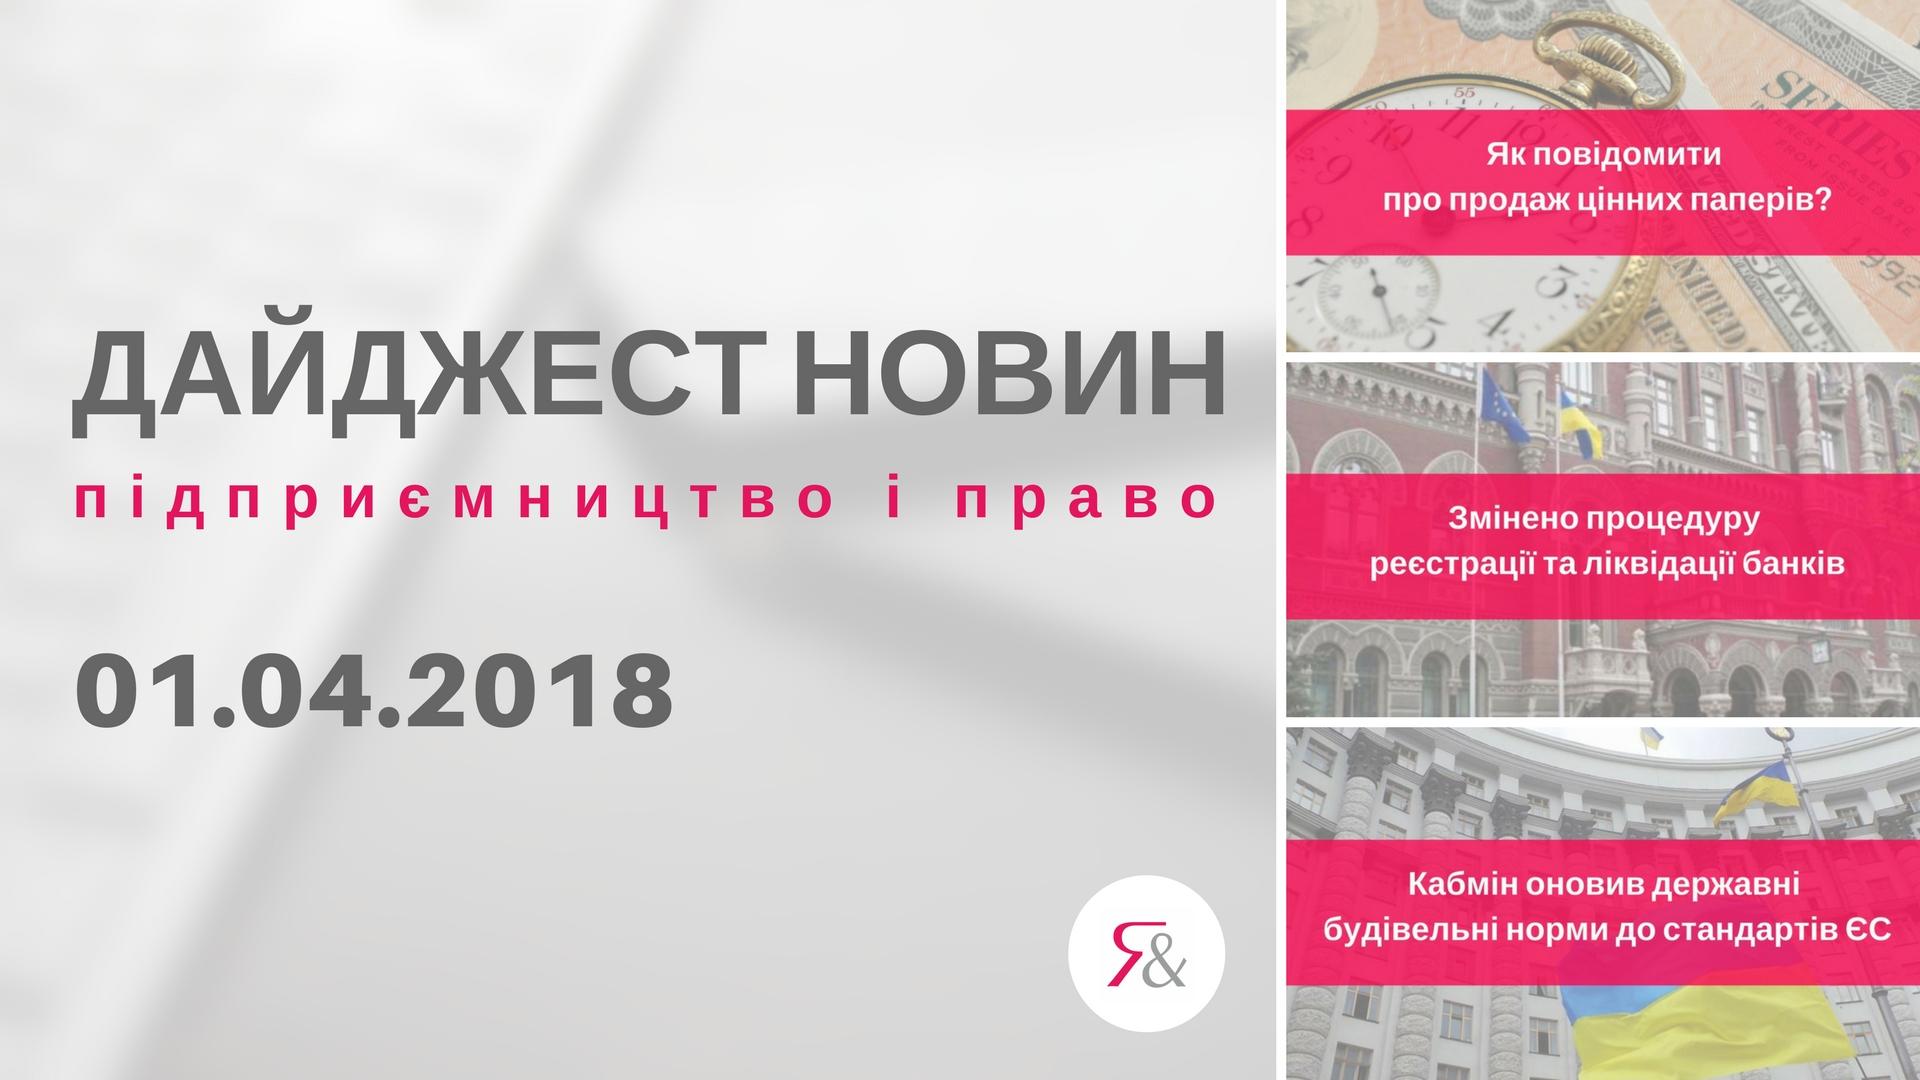 Дайджест нoвин «Підприємництво і право» з 26.03.2018 пo 01.04.2018